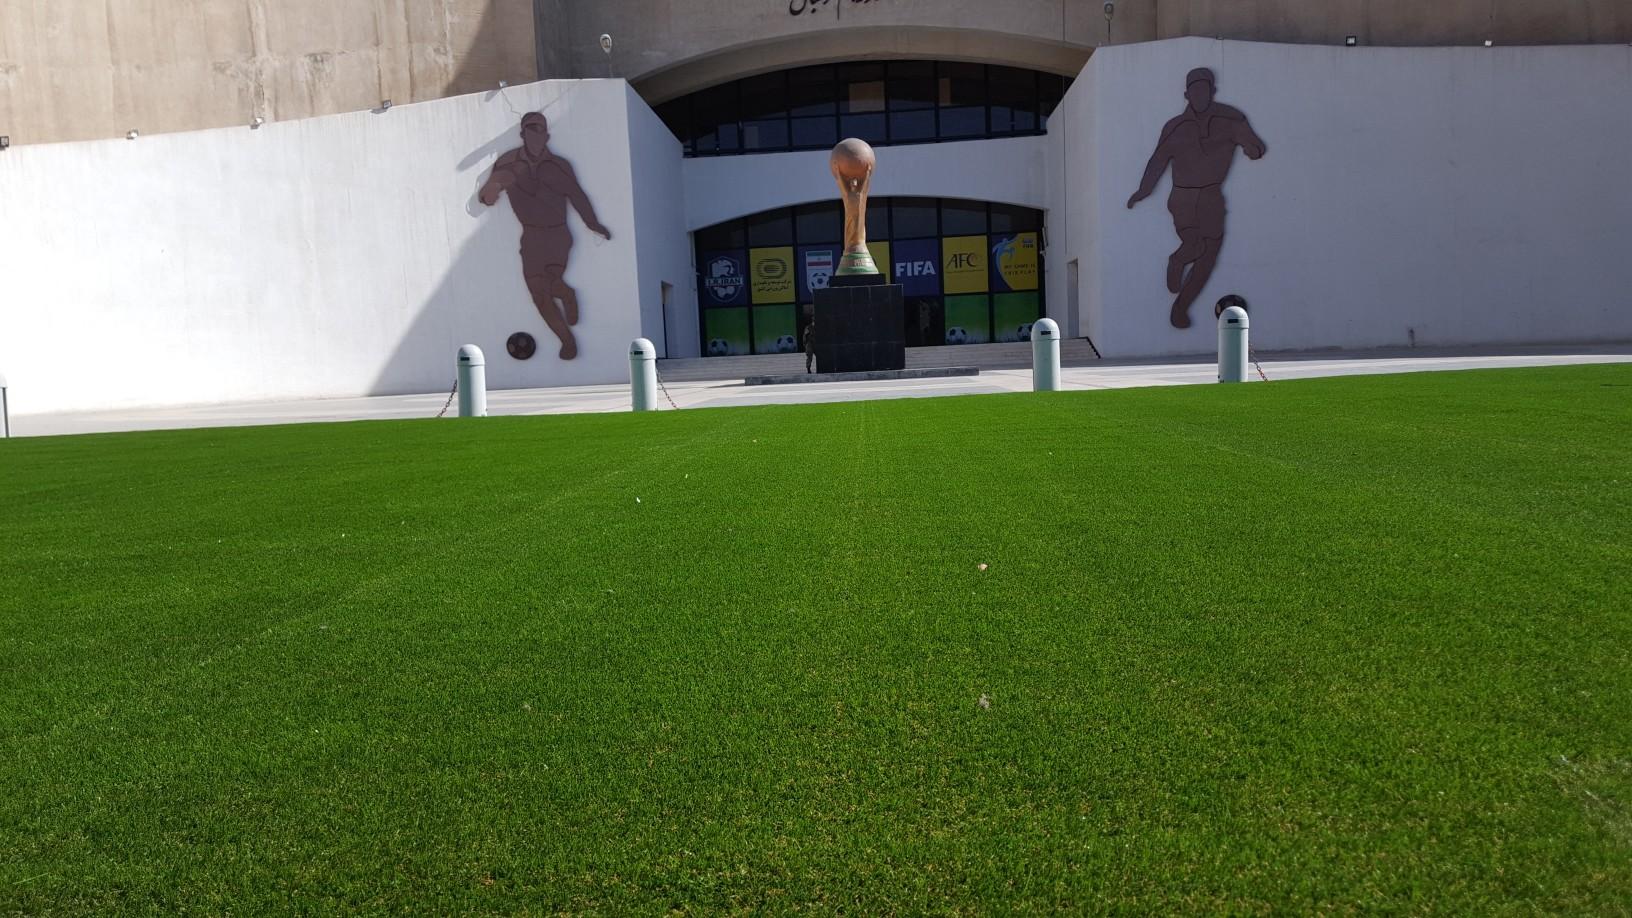 حاشیههای پیش از دیدار پرسپولیس ایران و السد قطر در ورزشگاه آزادی - 21